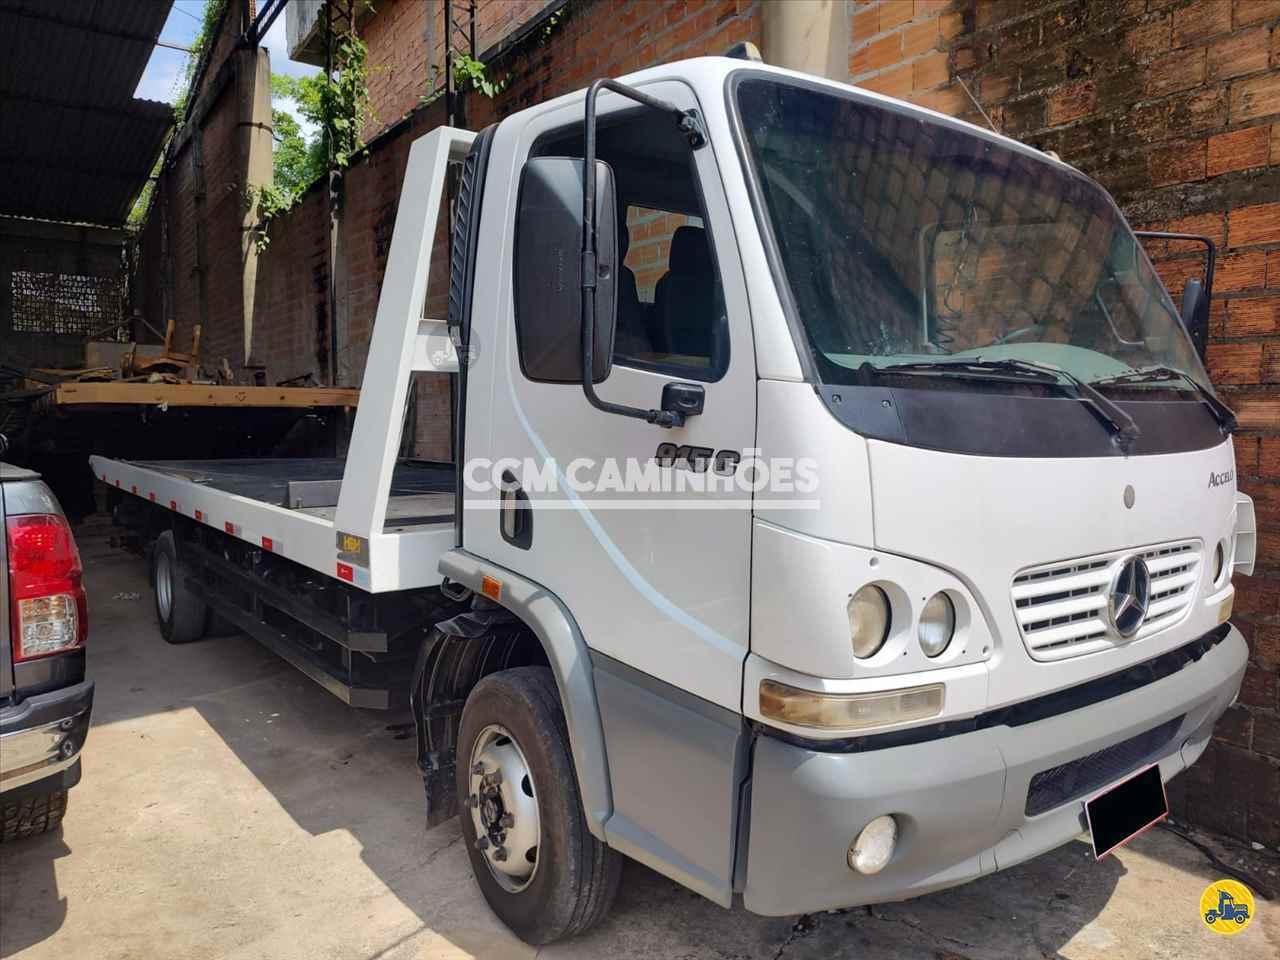 CAMINHAO MERCEDES-BENZ MB 915 Plataforma Guincho 3/4 4x2 CCM Caminhões GOIANIA GOIAS GO